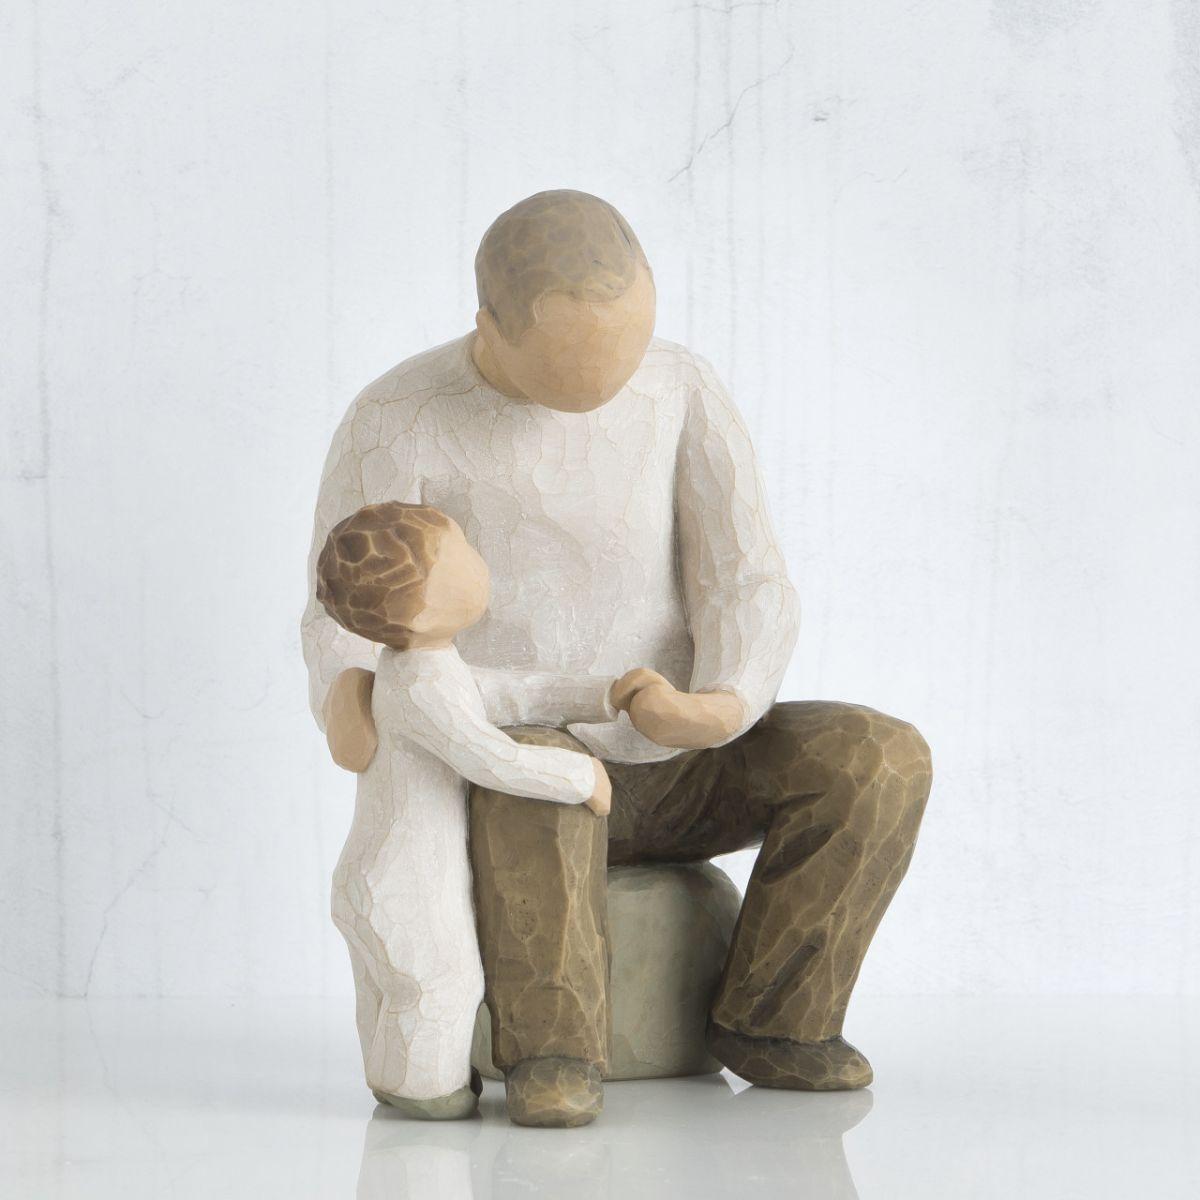 ウィローツリー彫像 【Grandfather】 - 祖父